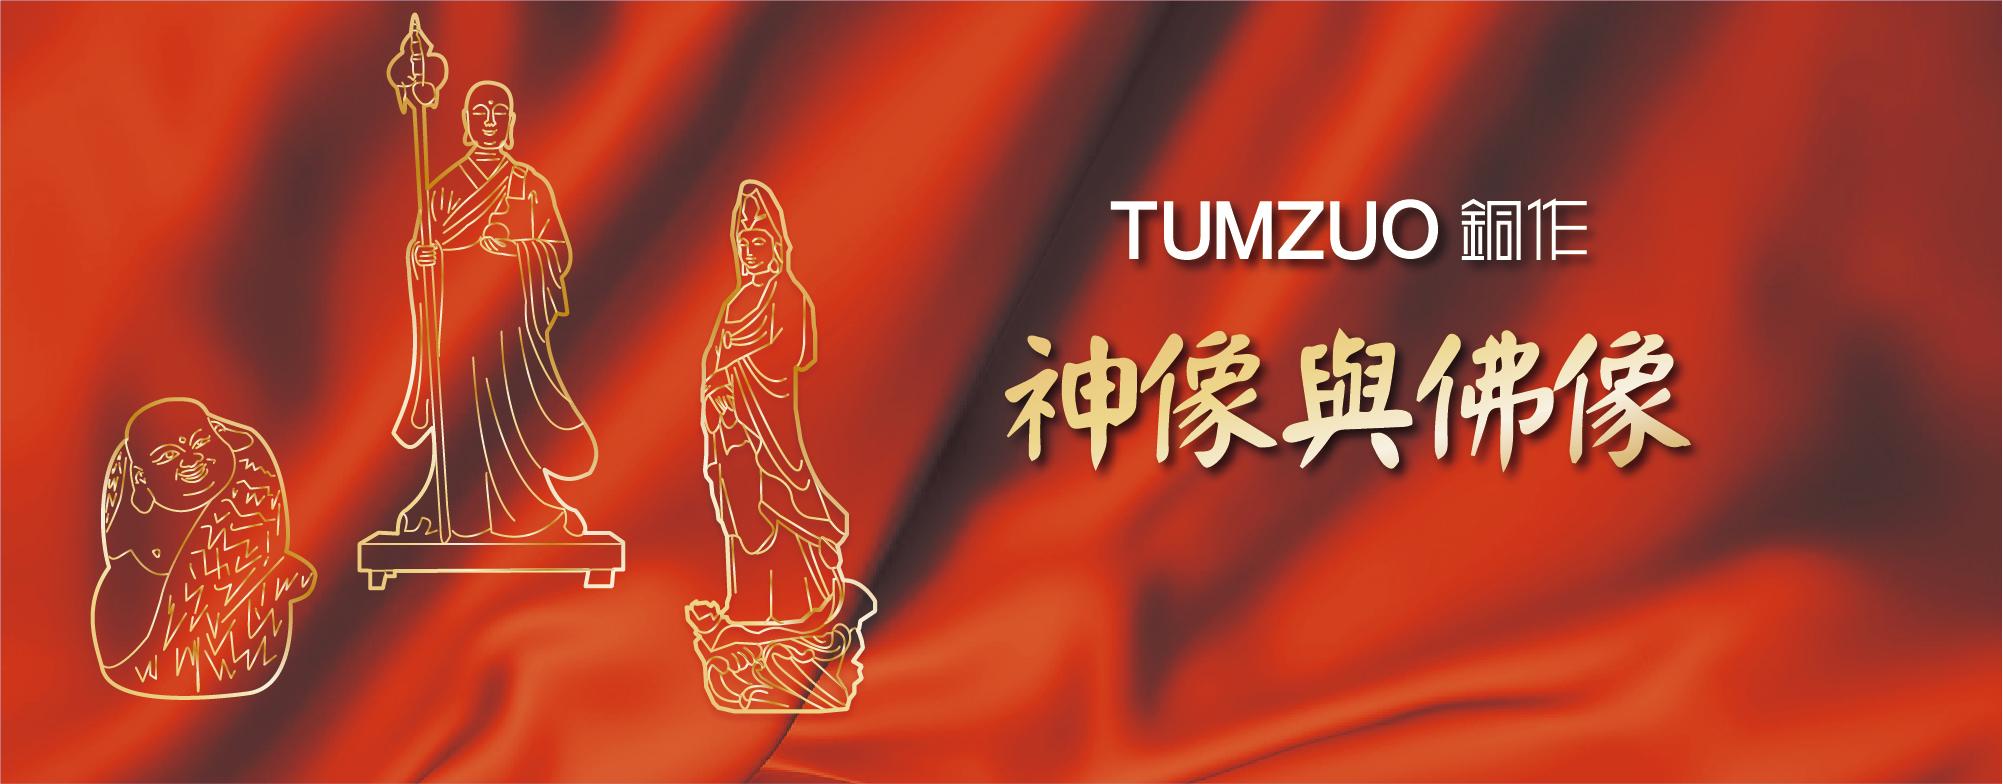 銅作神像與佛像系列